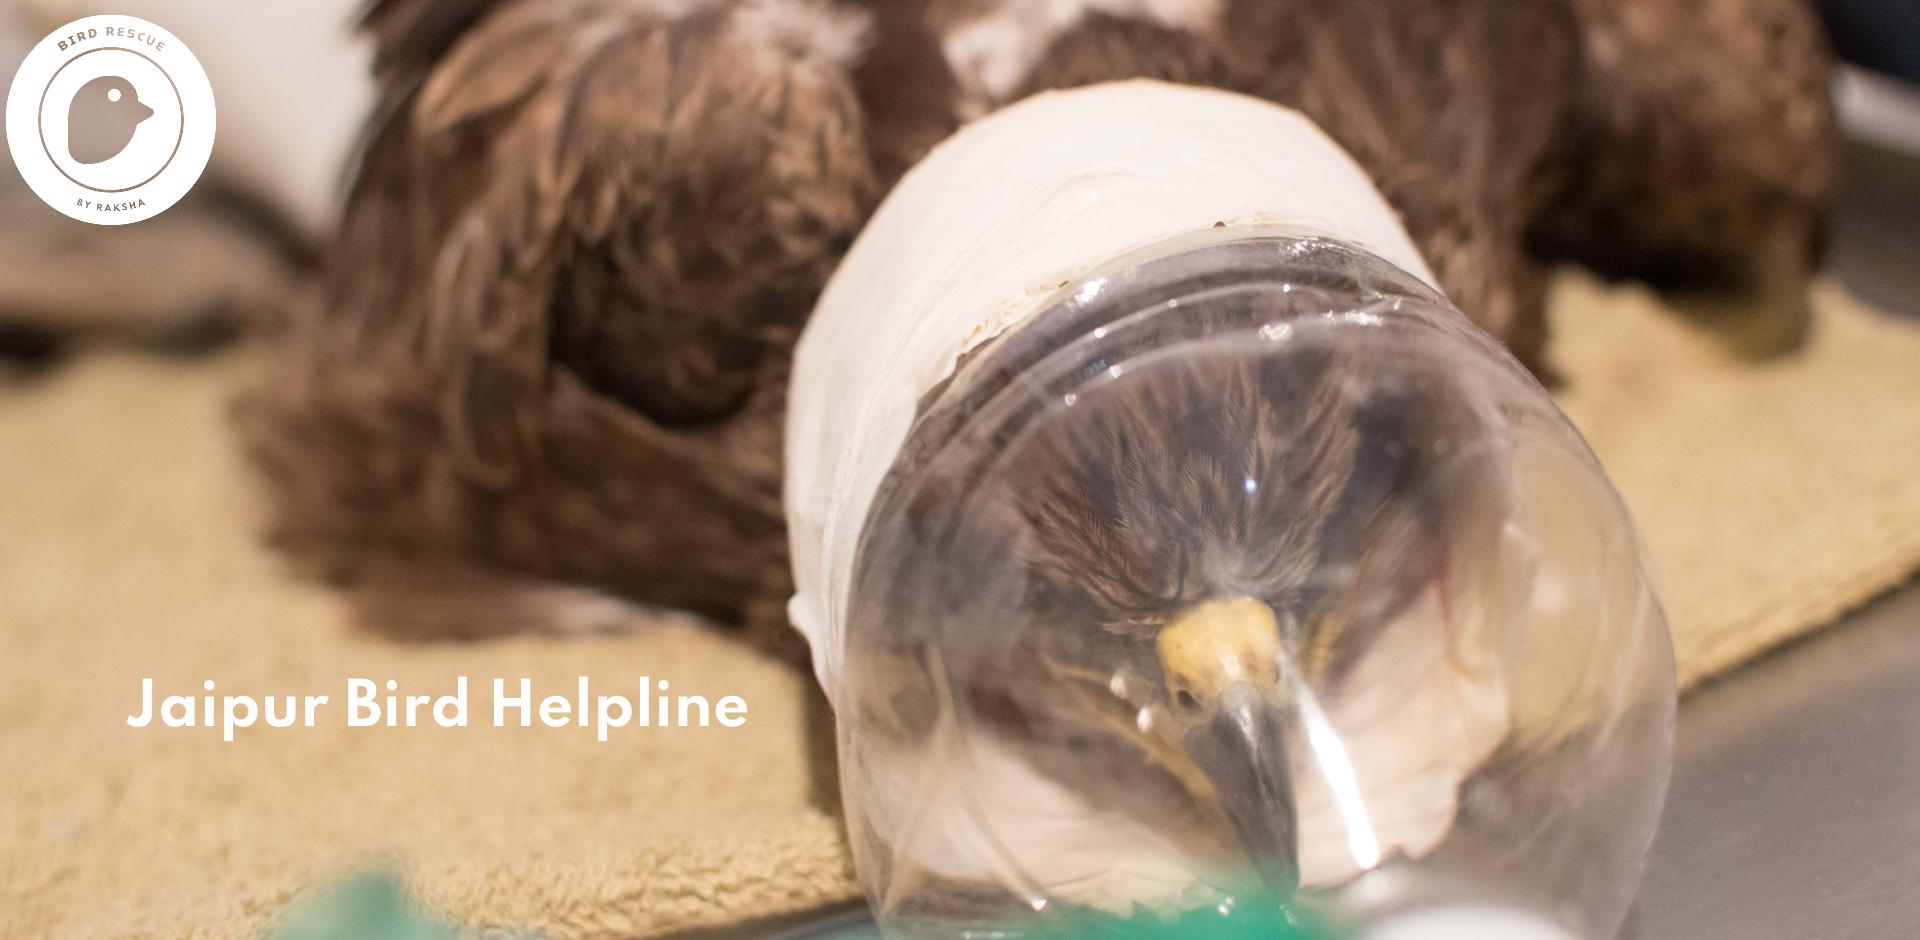 Jaipur-Bird-Helpline-2.jpg